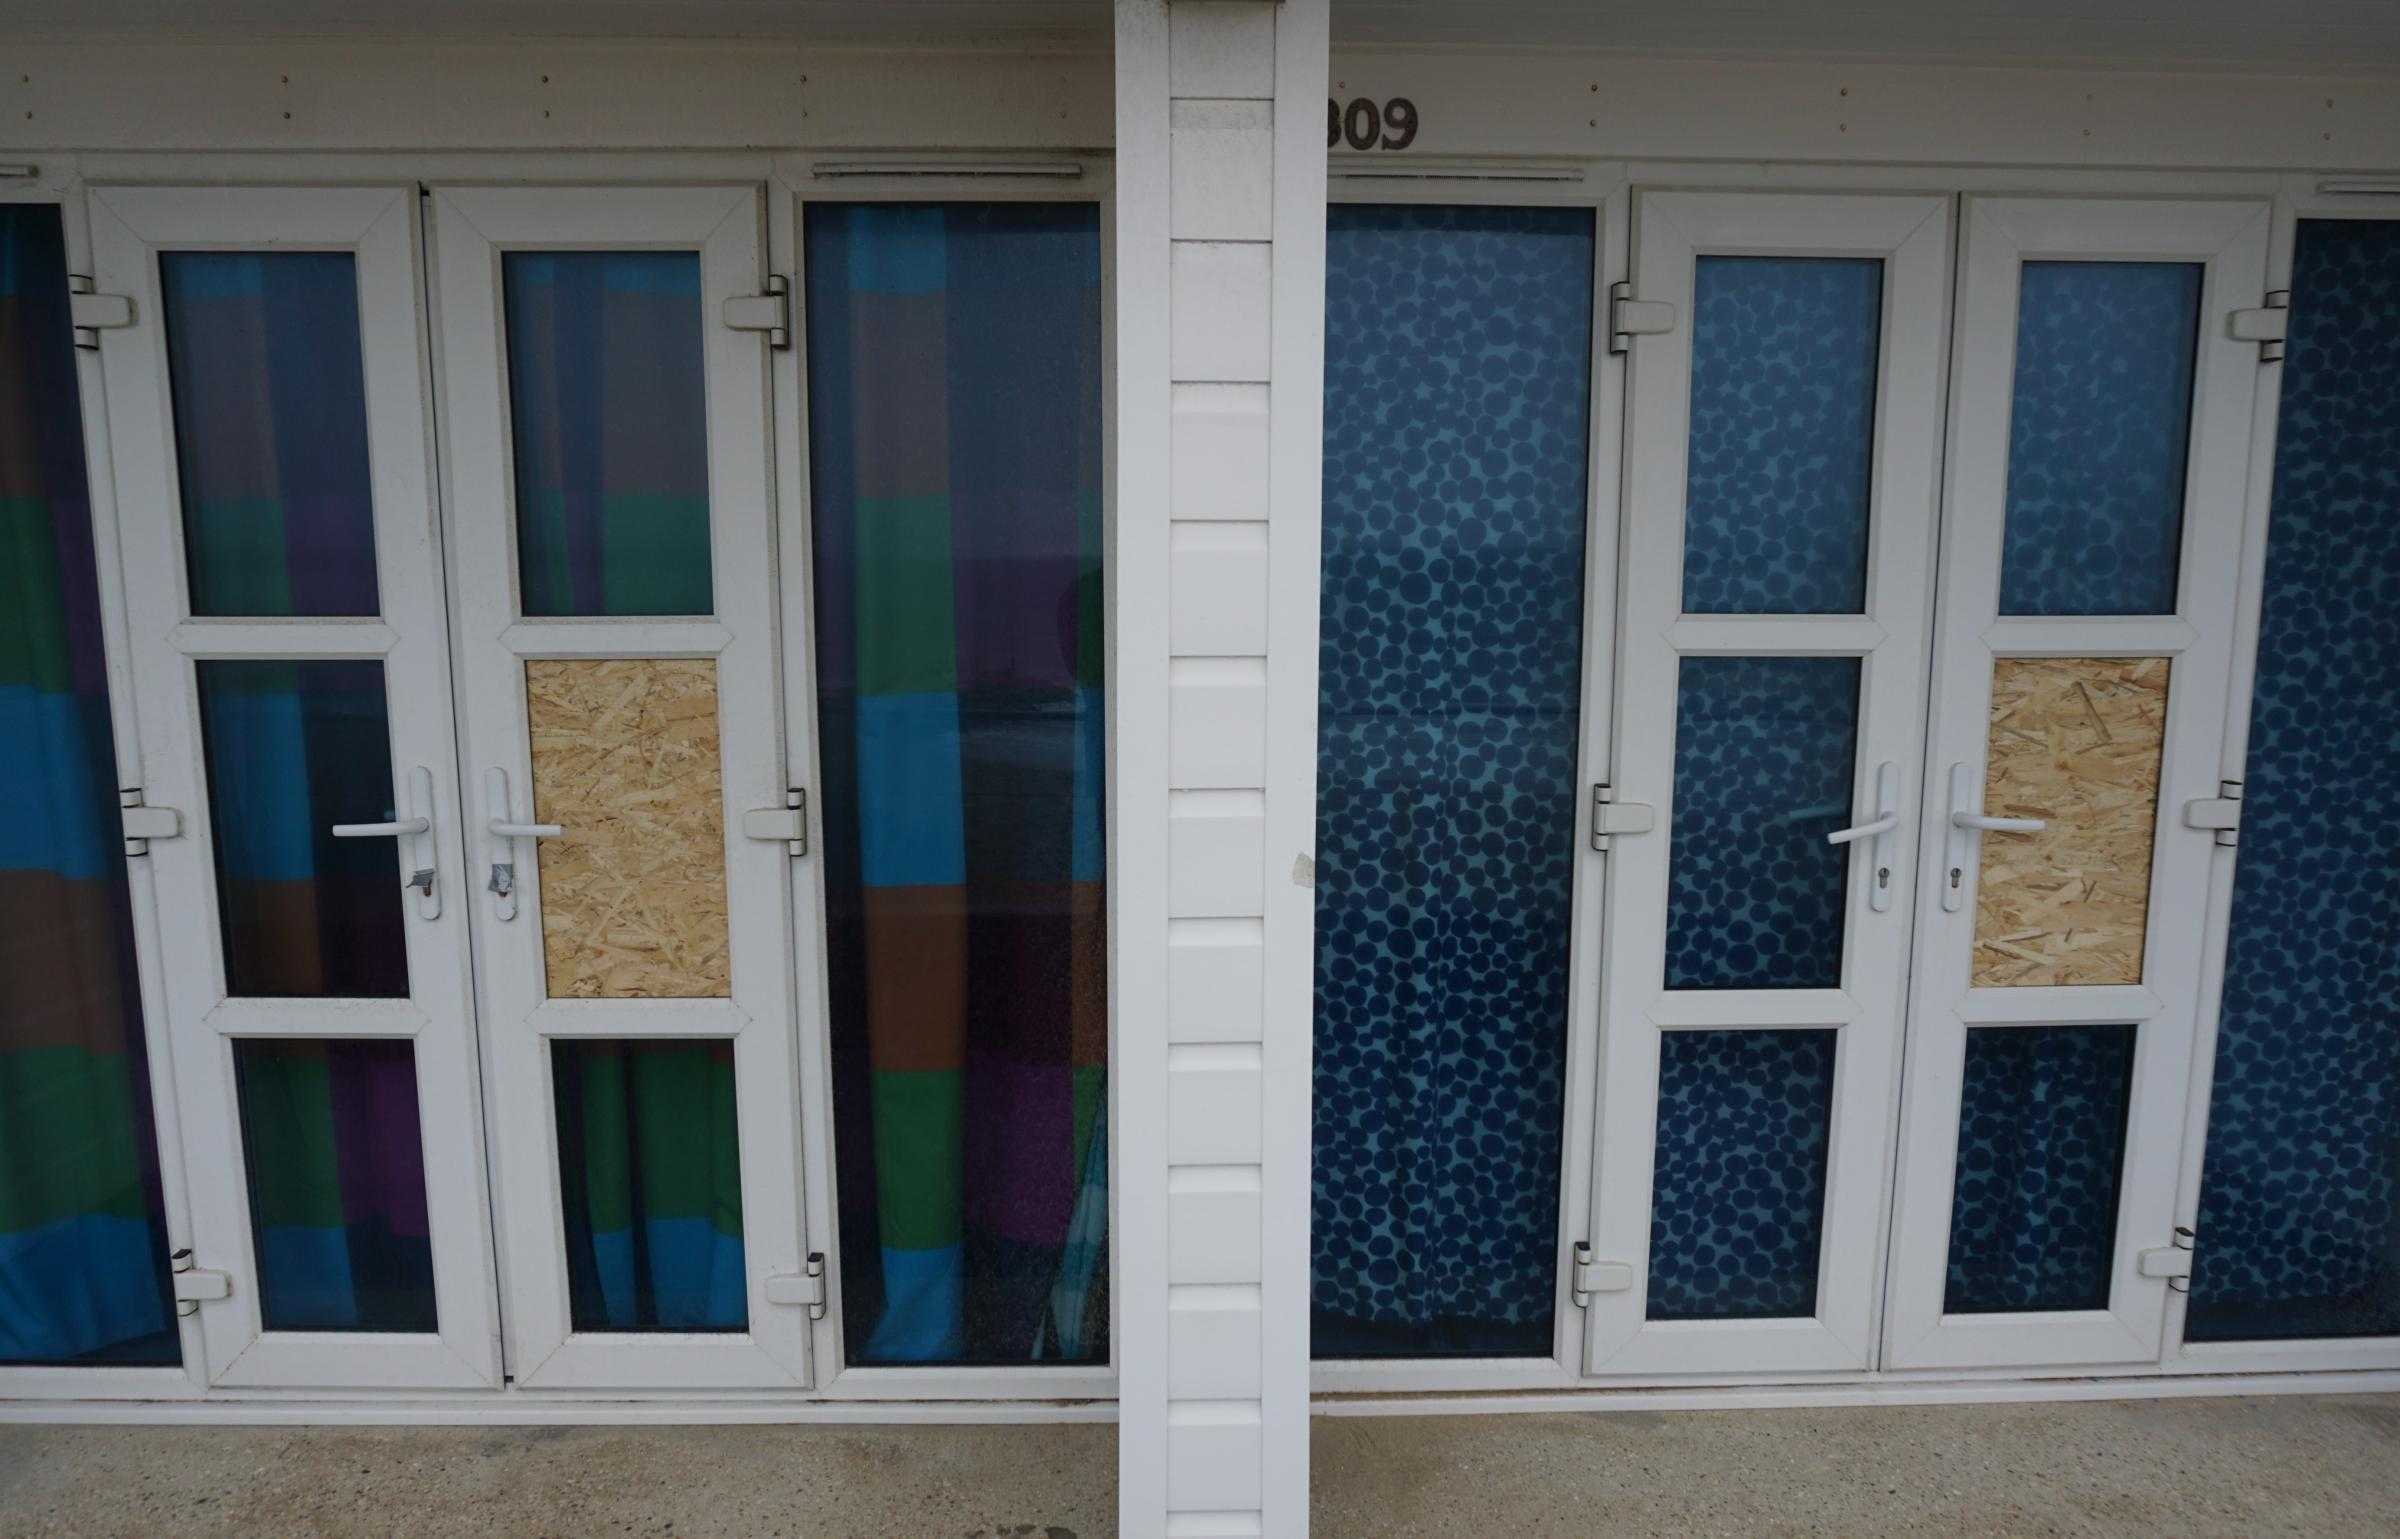 Beach huts burglary shock: 29 huts targeted at Bournemouth Beach